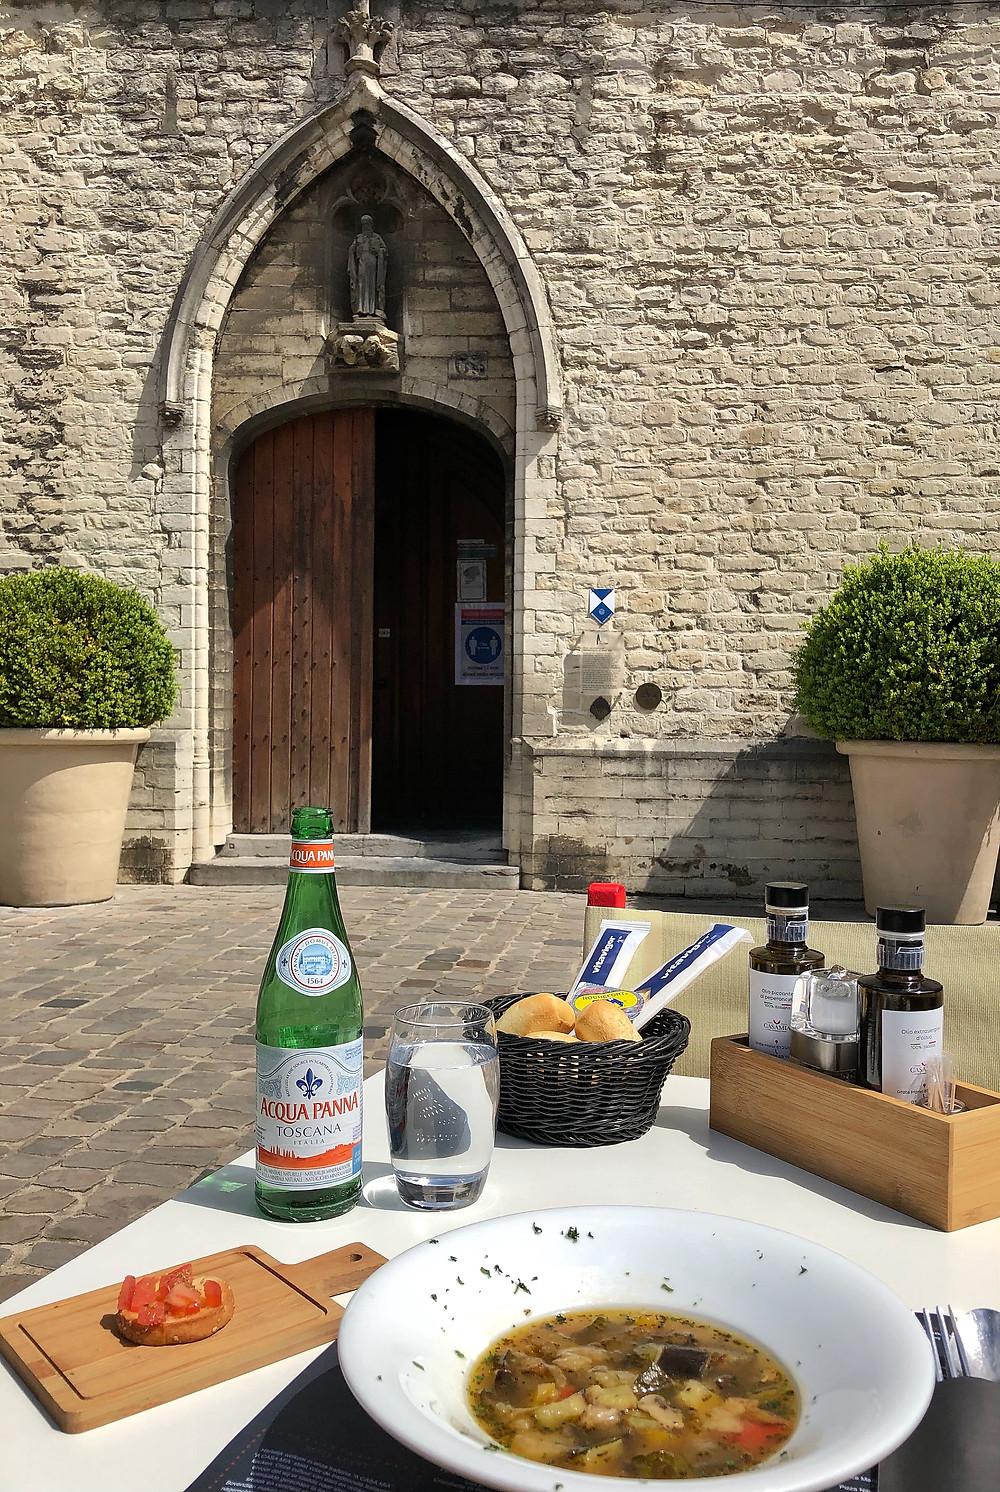 Lunch at Trattoria A Casa Mia in Lier